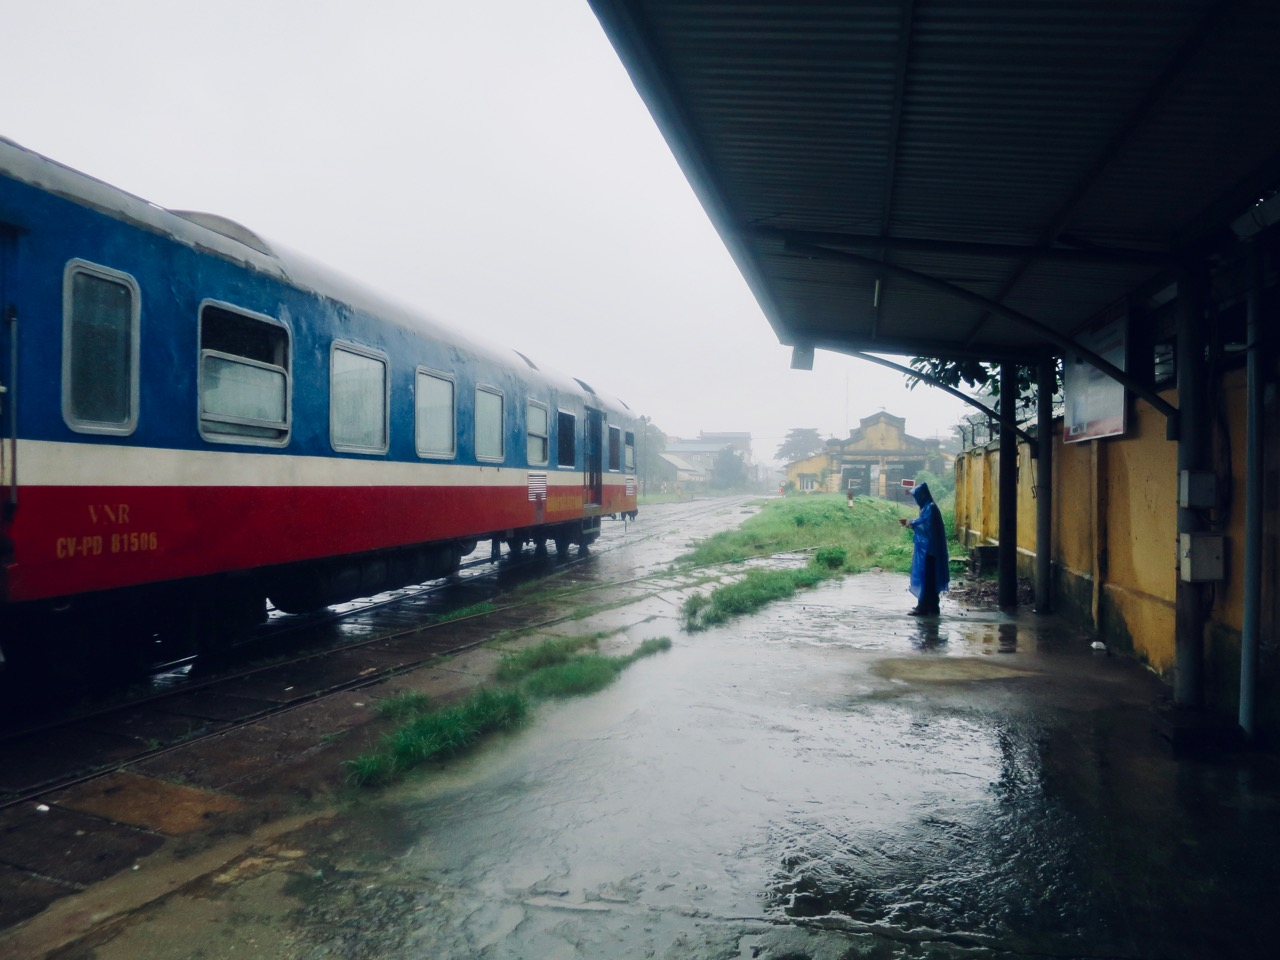 Trem Vietnam 1 08